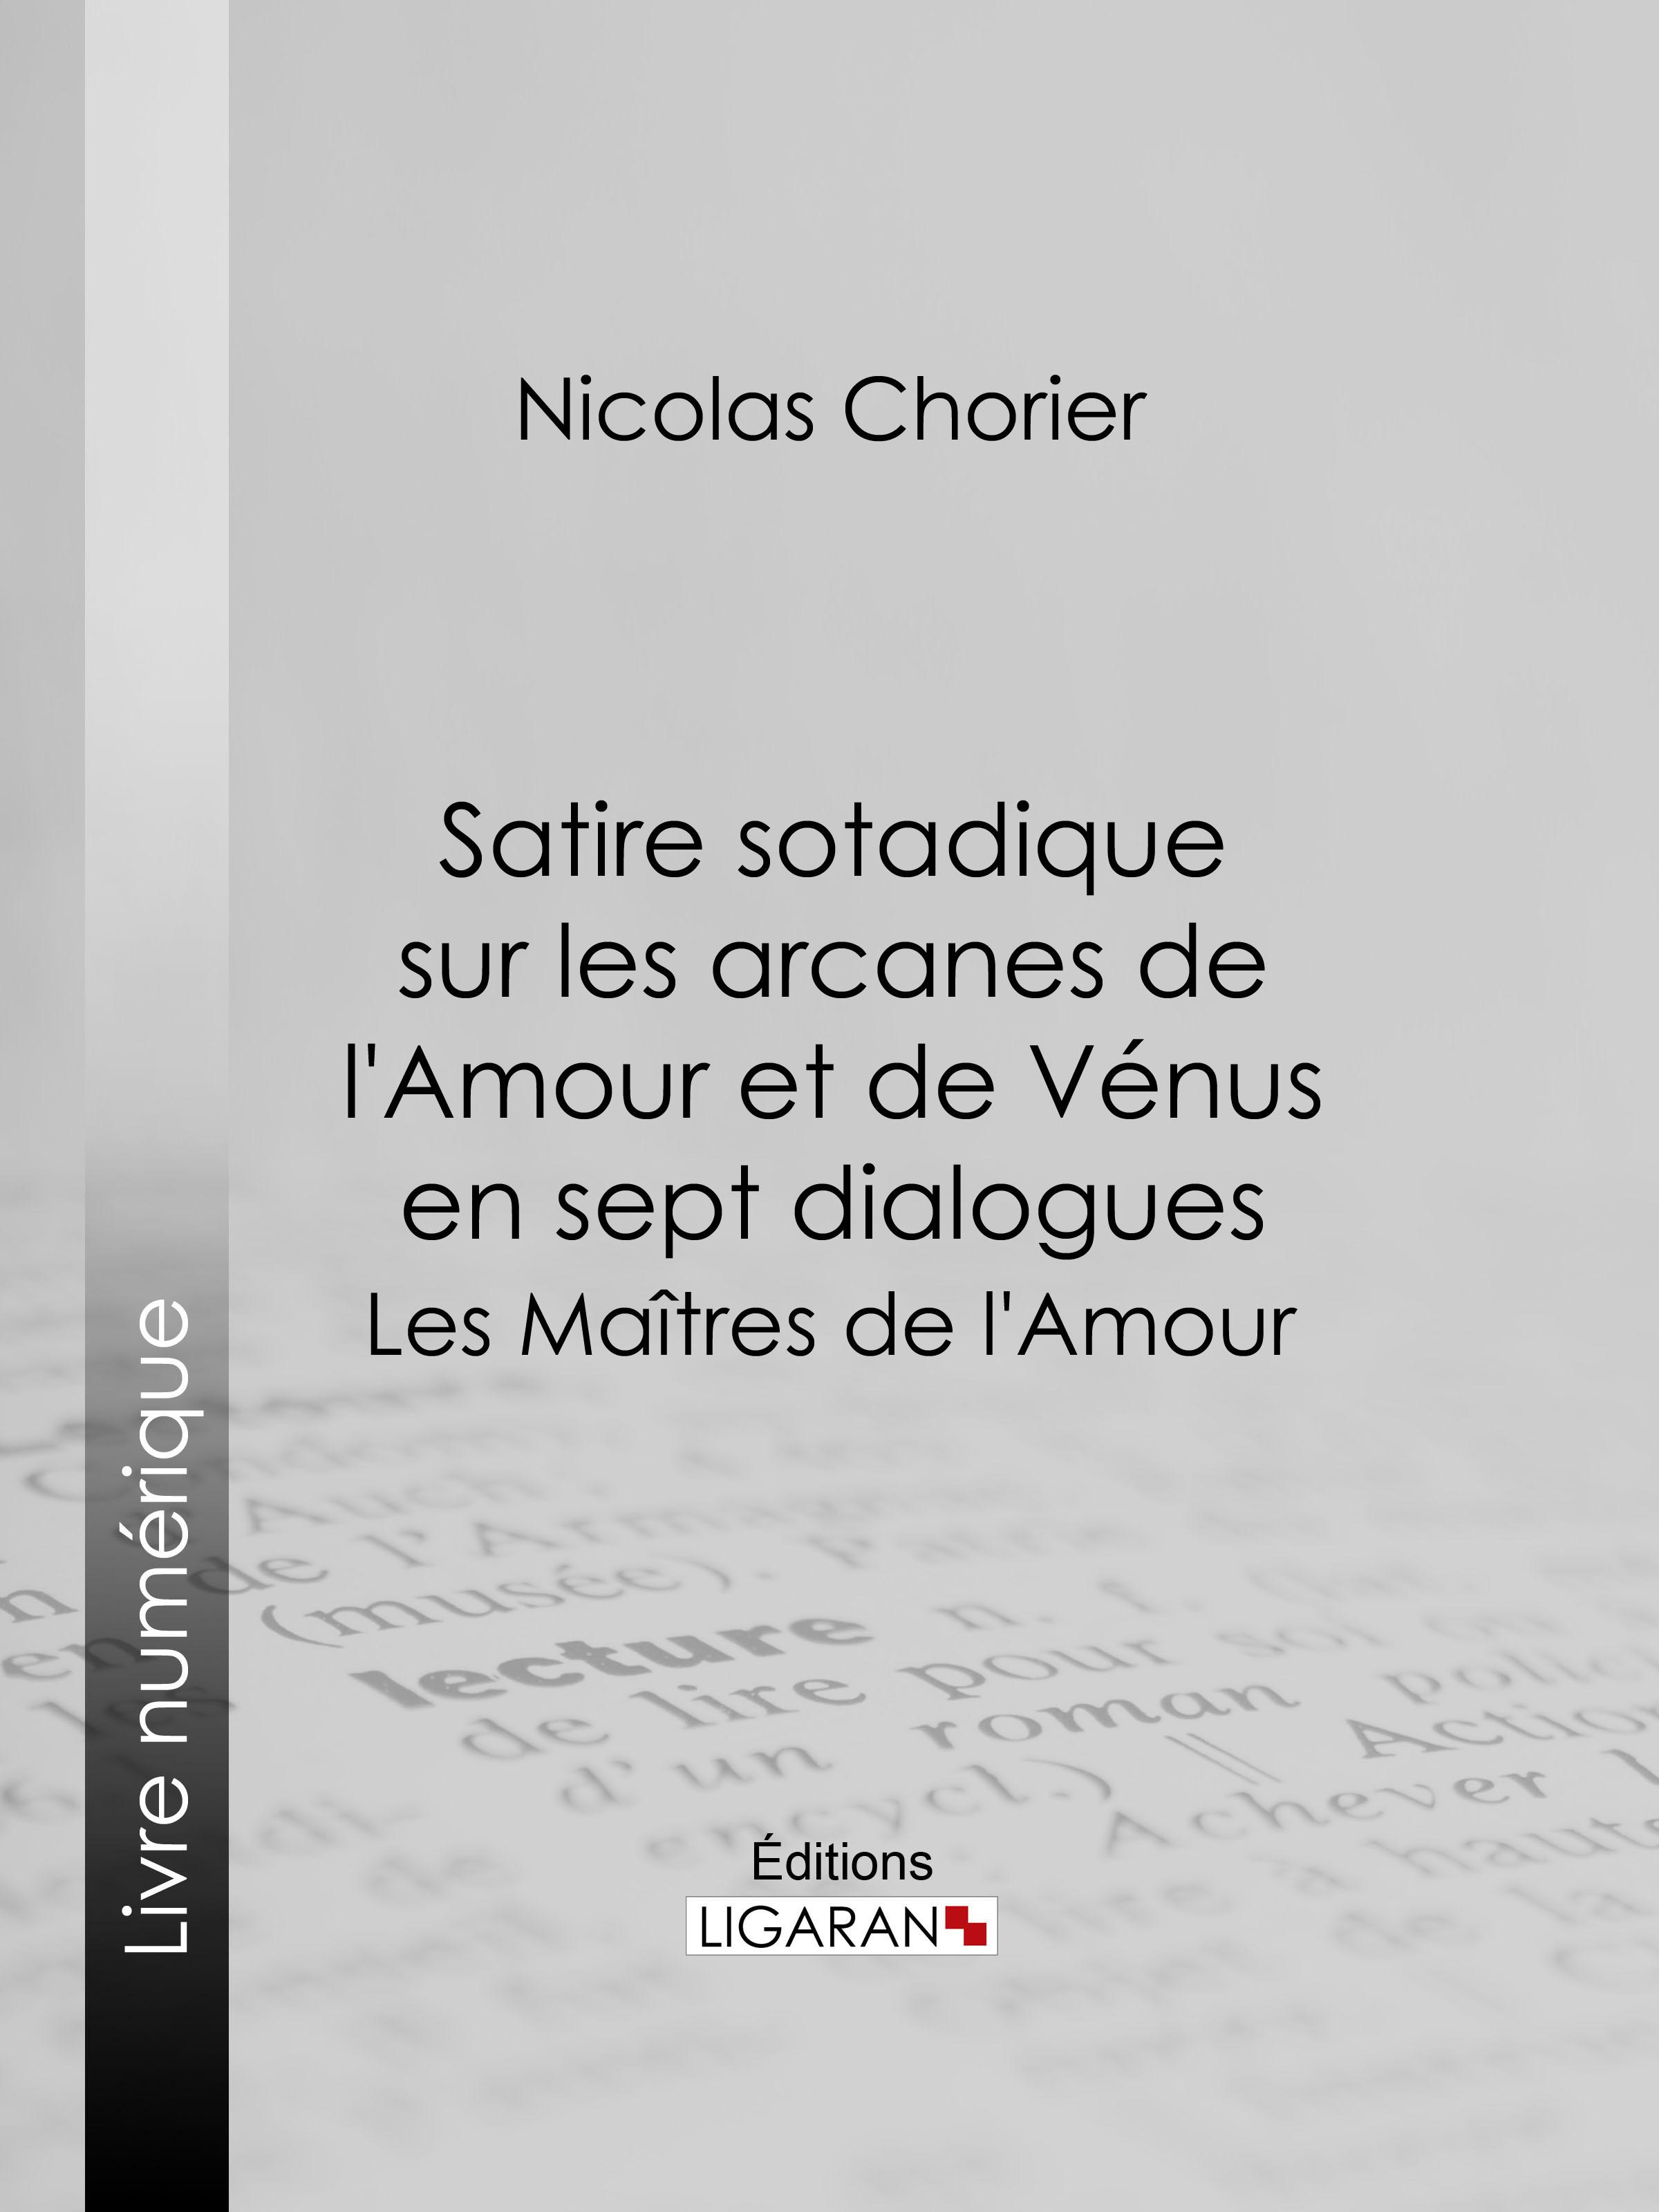 Satire sotadique sur les arcanes de l'Amour et de Vénus en sept dialogues